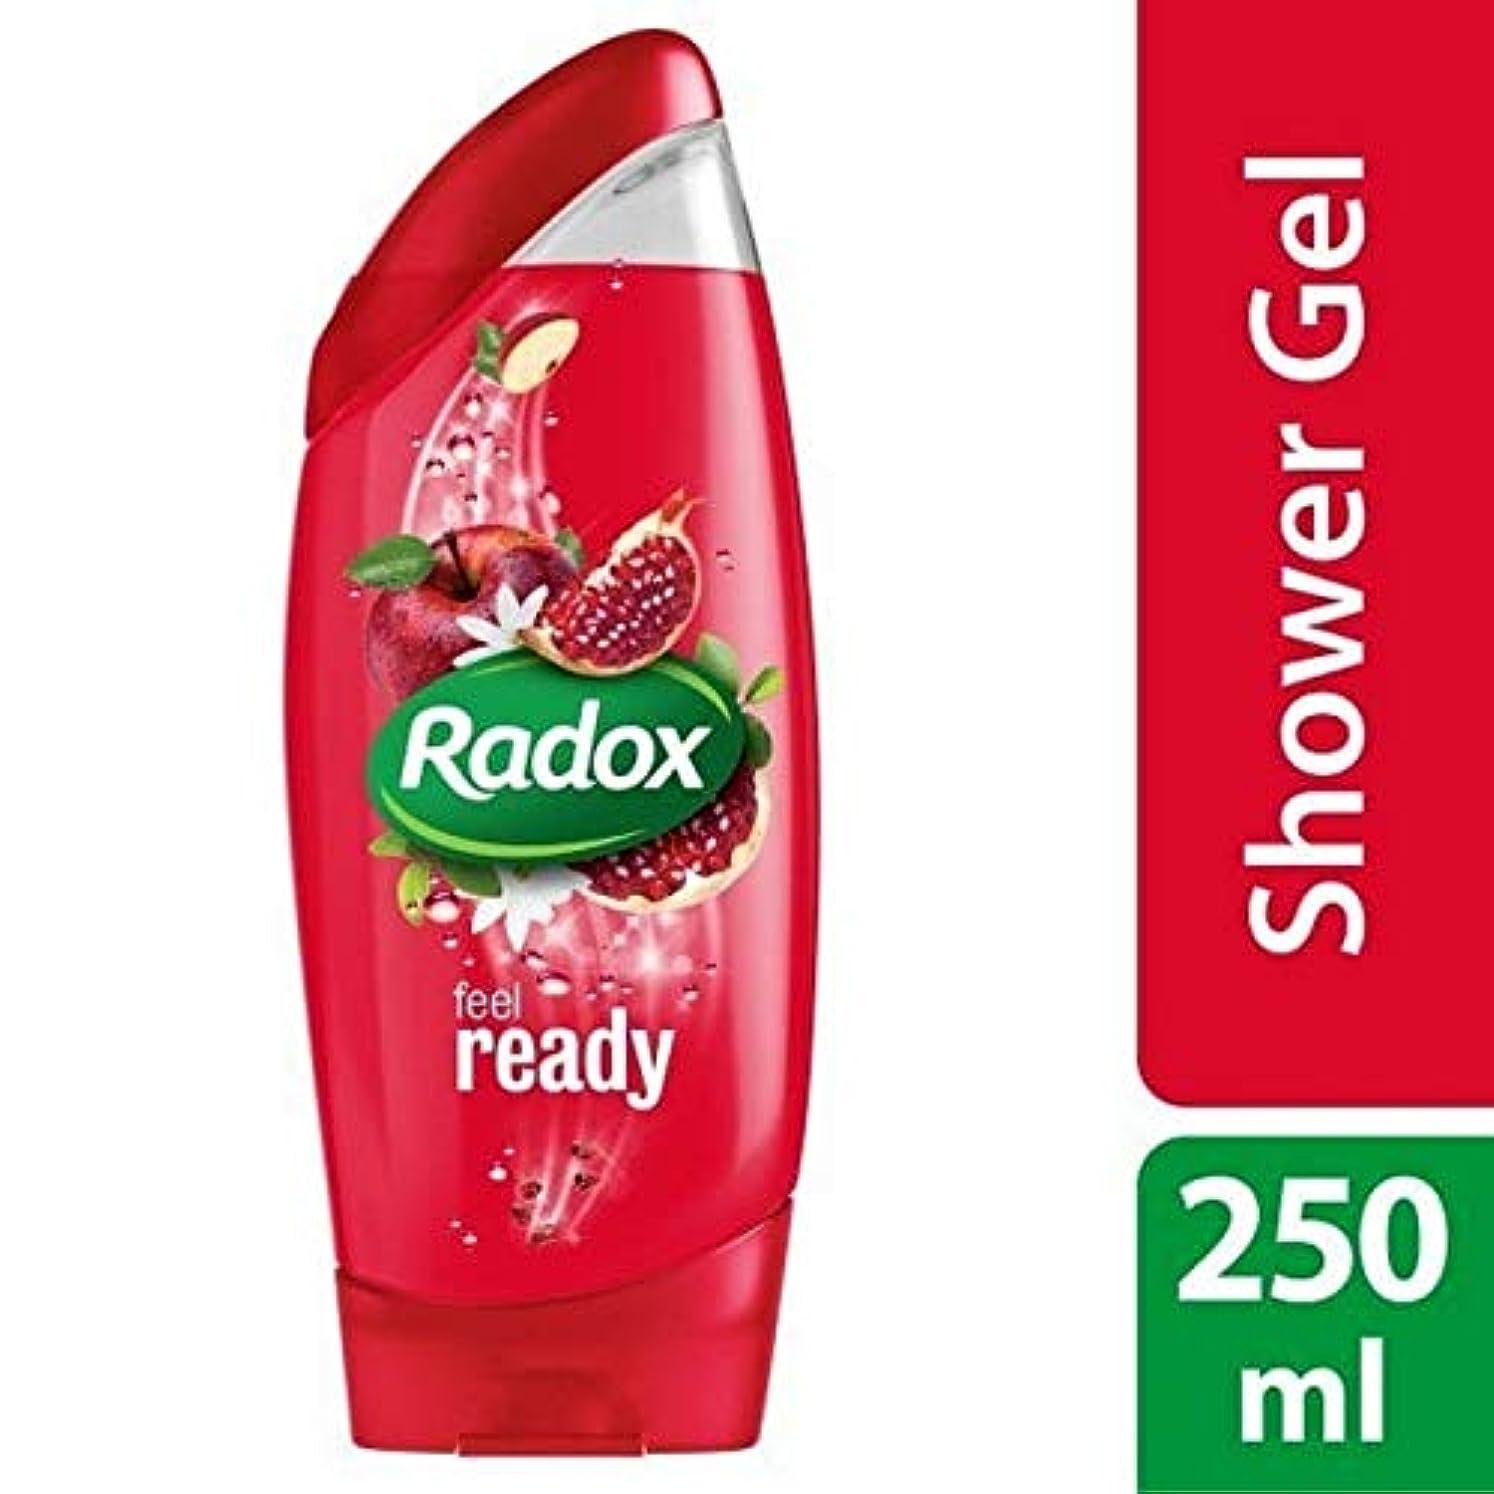 未亡人統治可能メール[Radox] Radoxは準備ができてシャワージェル250ミリリットルを感じます - Radox Feel Ready Shower Gel 250ml [並行輸入品]